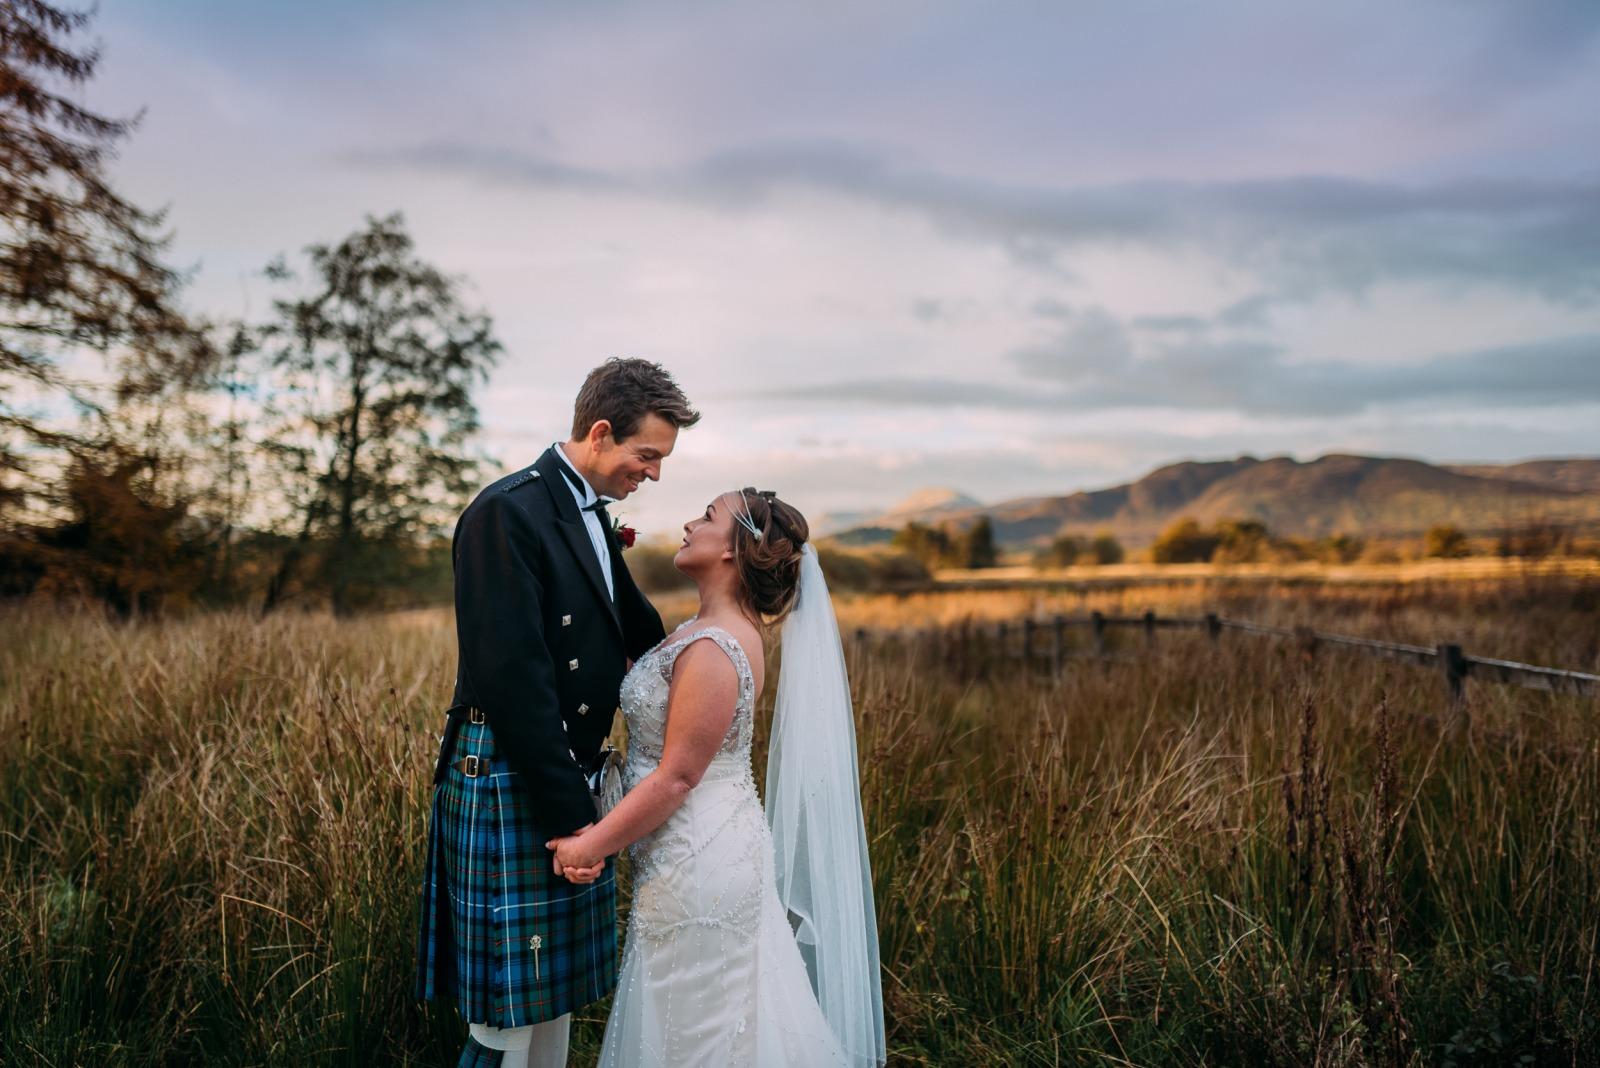 highward-house-wedding-377-of-372